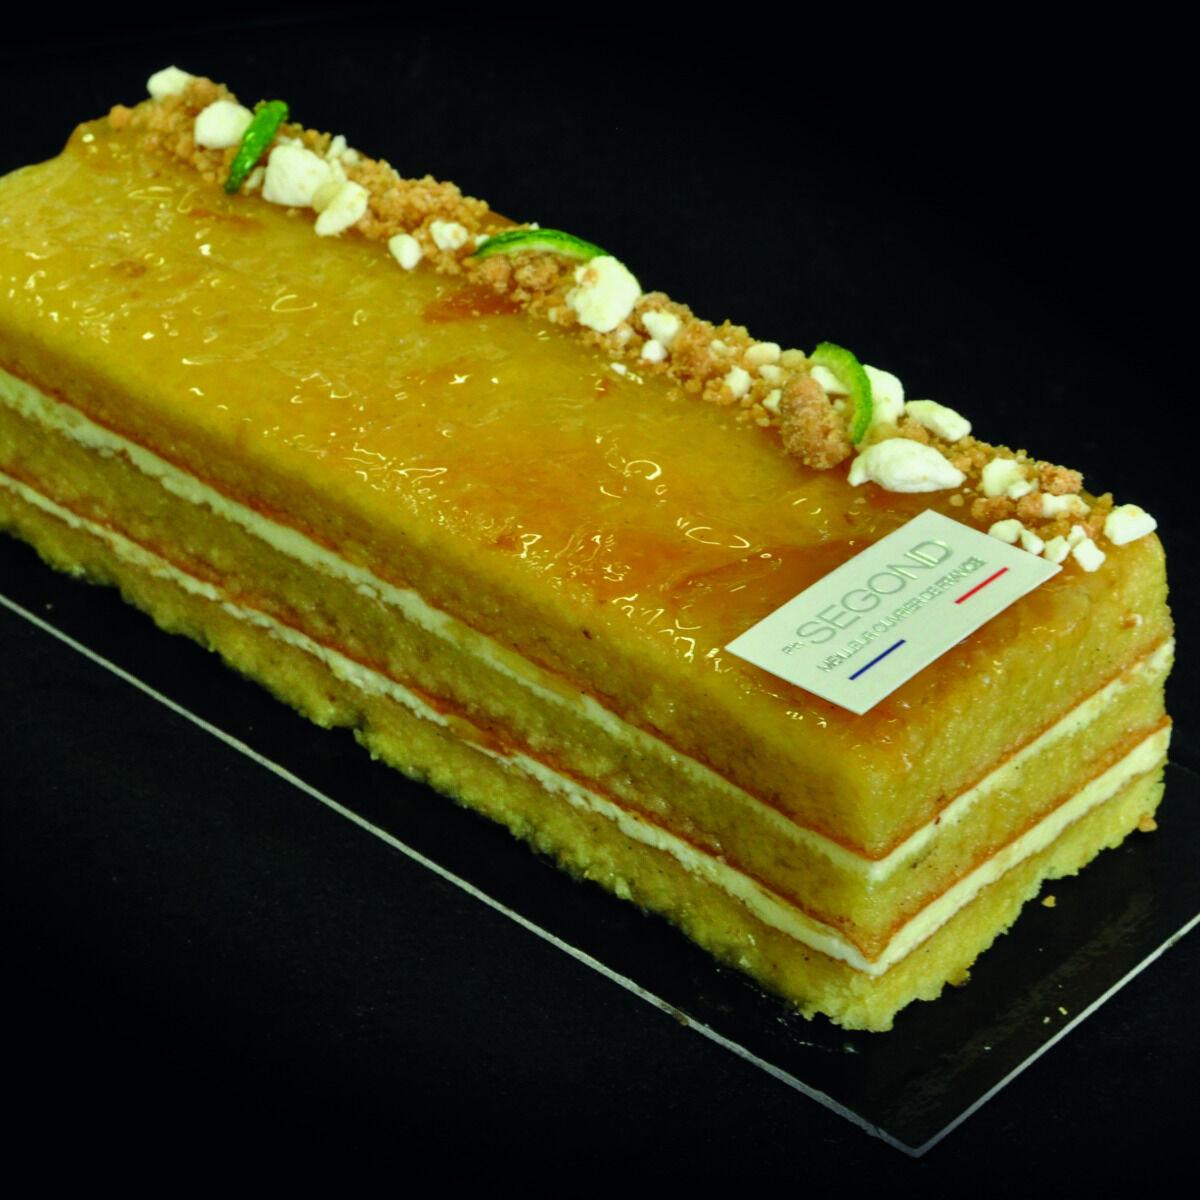 Philippe Segond MOF Pâtissier-Confiseur Gâteau Au Yuzu Et Huile D'olive Des Baux De Provence (sans Gluten)